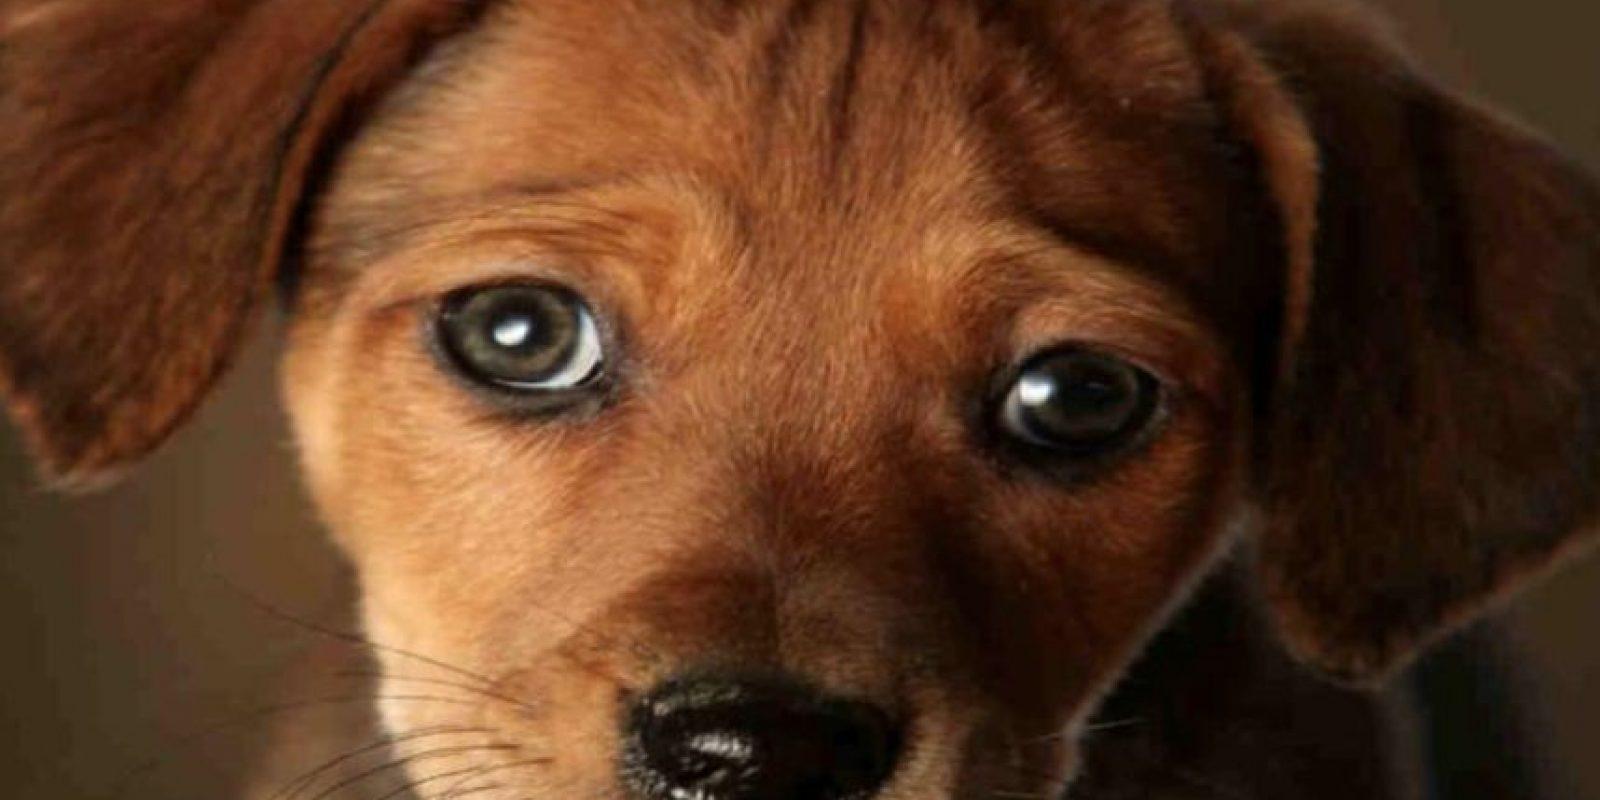 Los cachorros suelen tener rasgos similares a los bebés humanos: ojos y cabeza grandes con relación a su cuerpo, narices y barbillas pequeñas, así como frentes abultadas. Foto:vía Getty Images